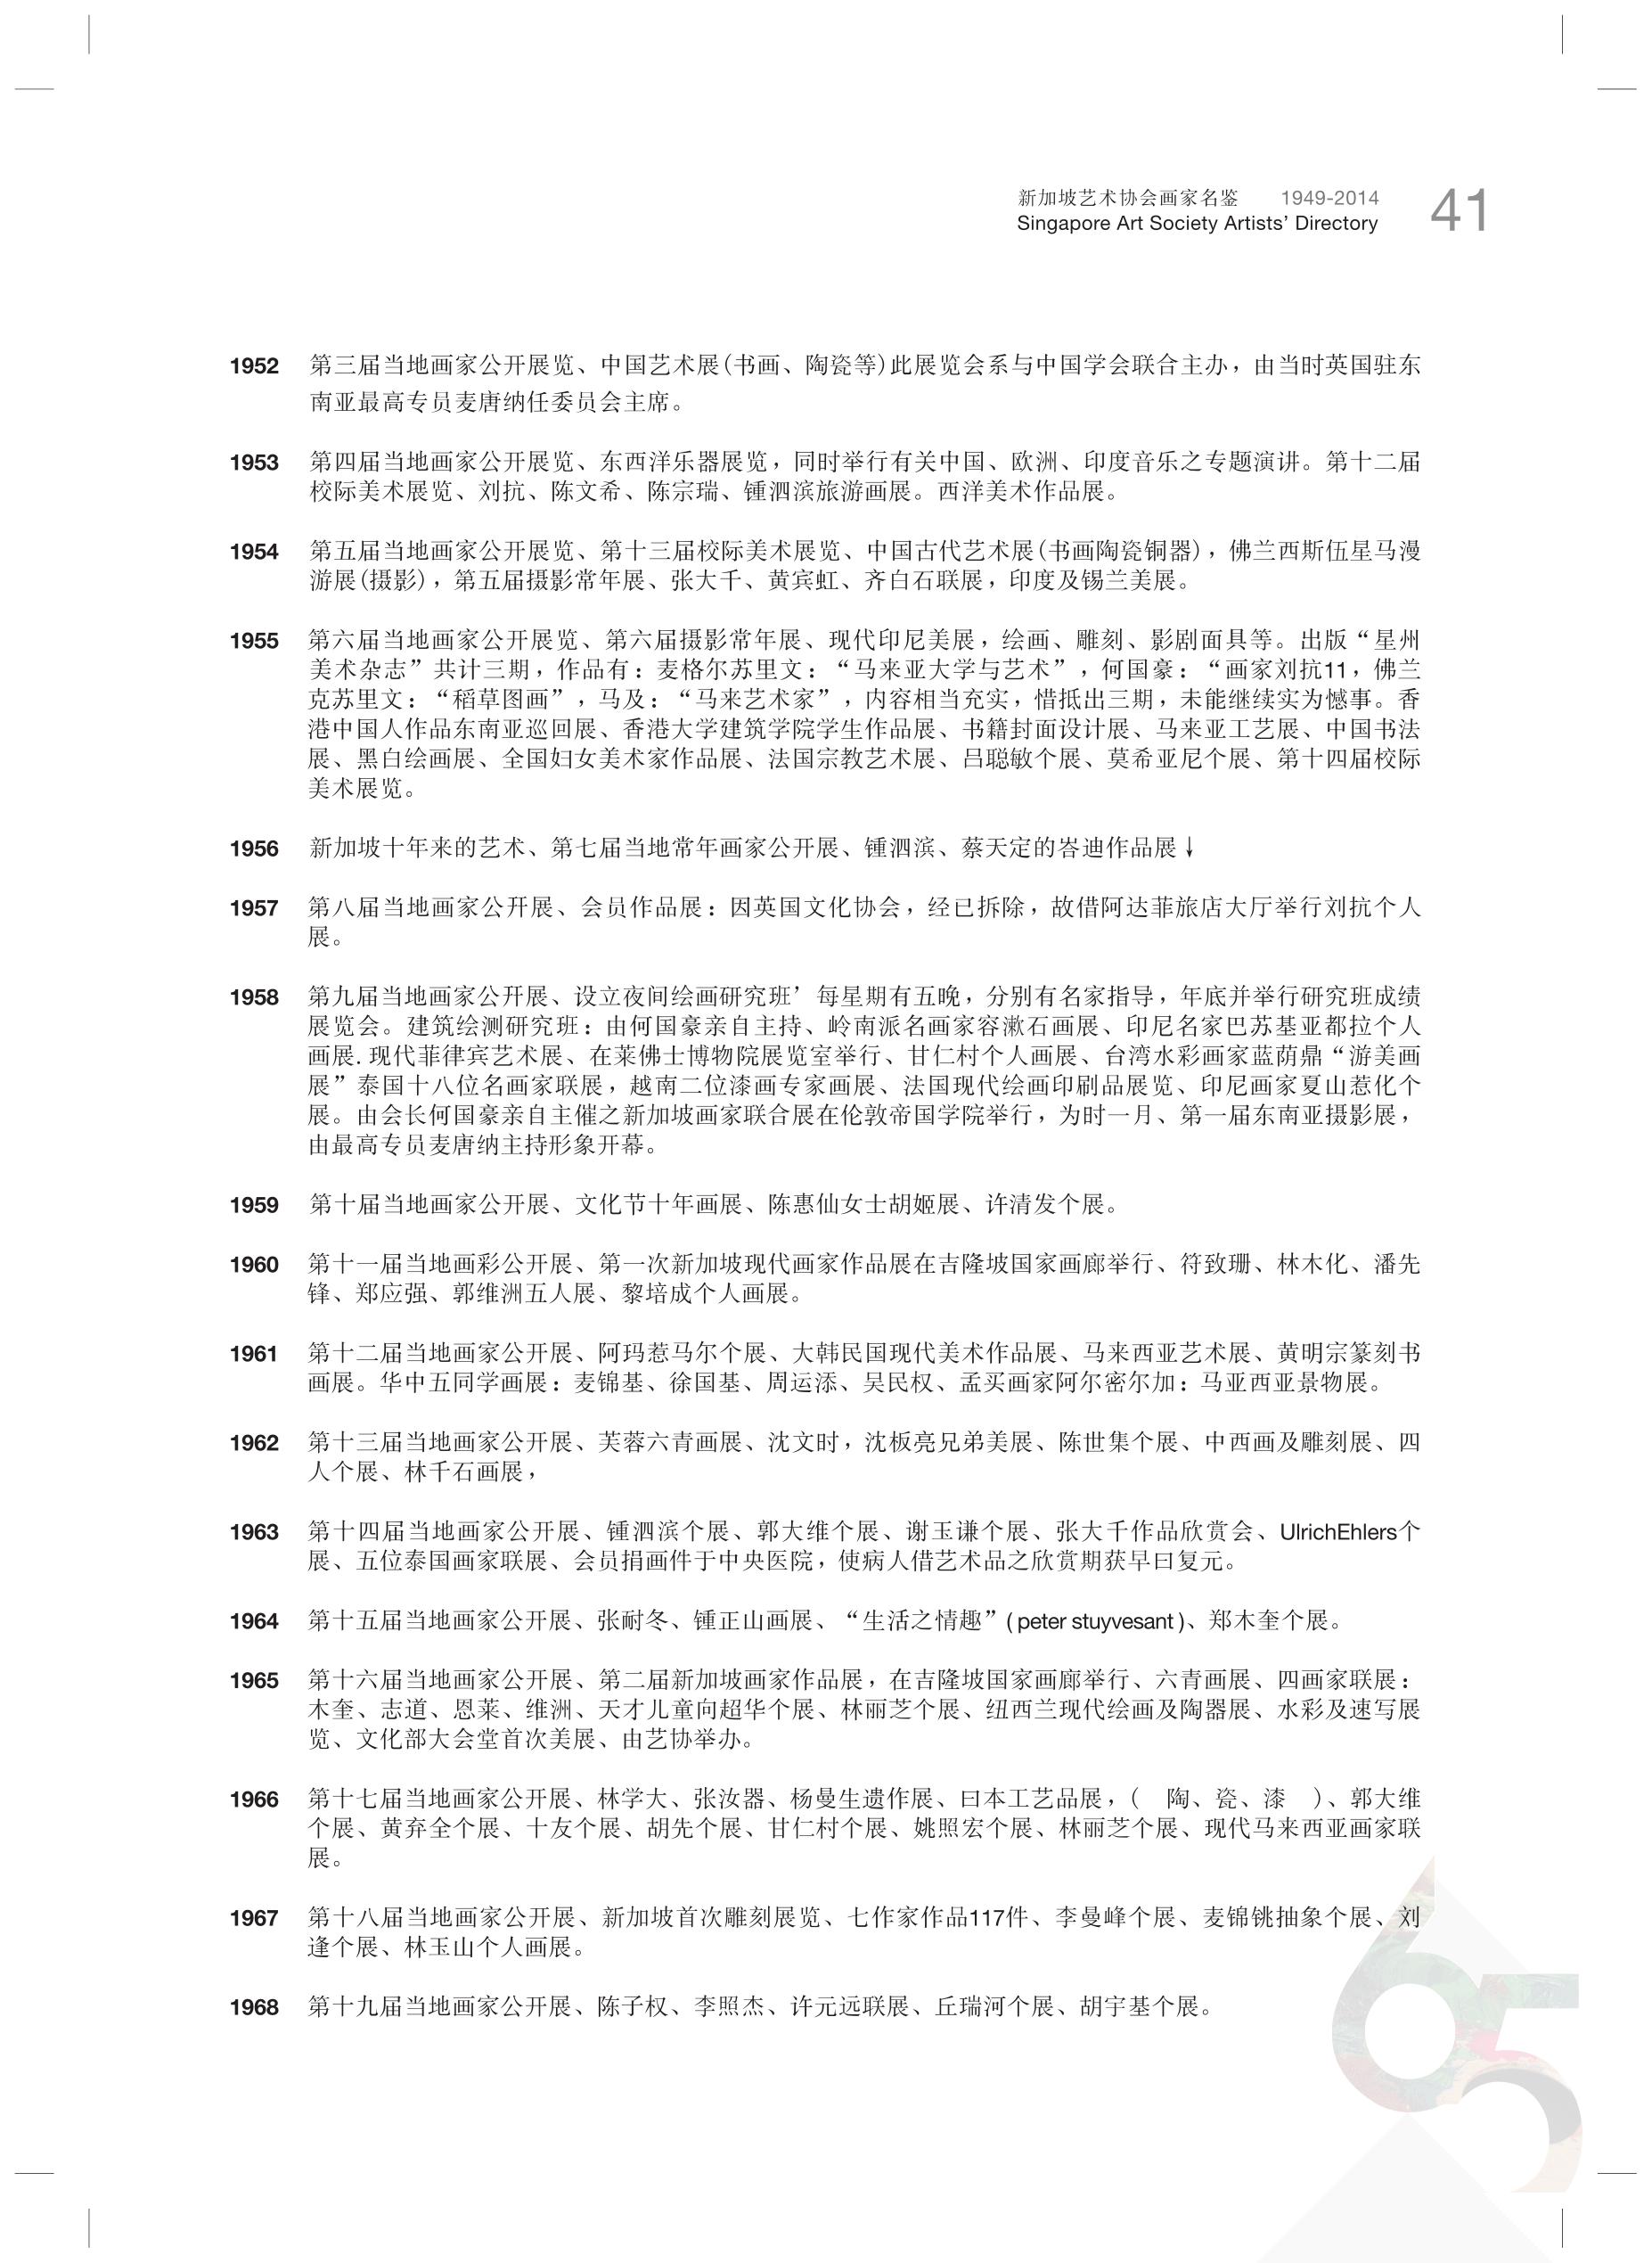 SG 65 inside_Part4-08